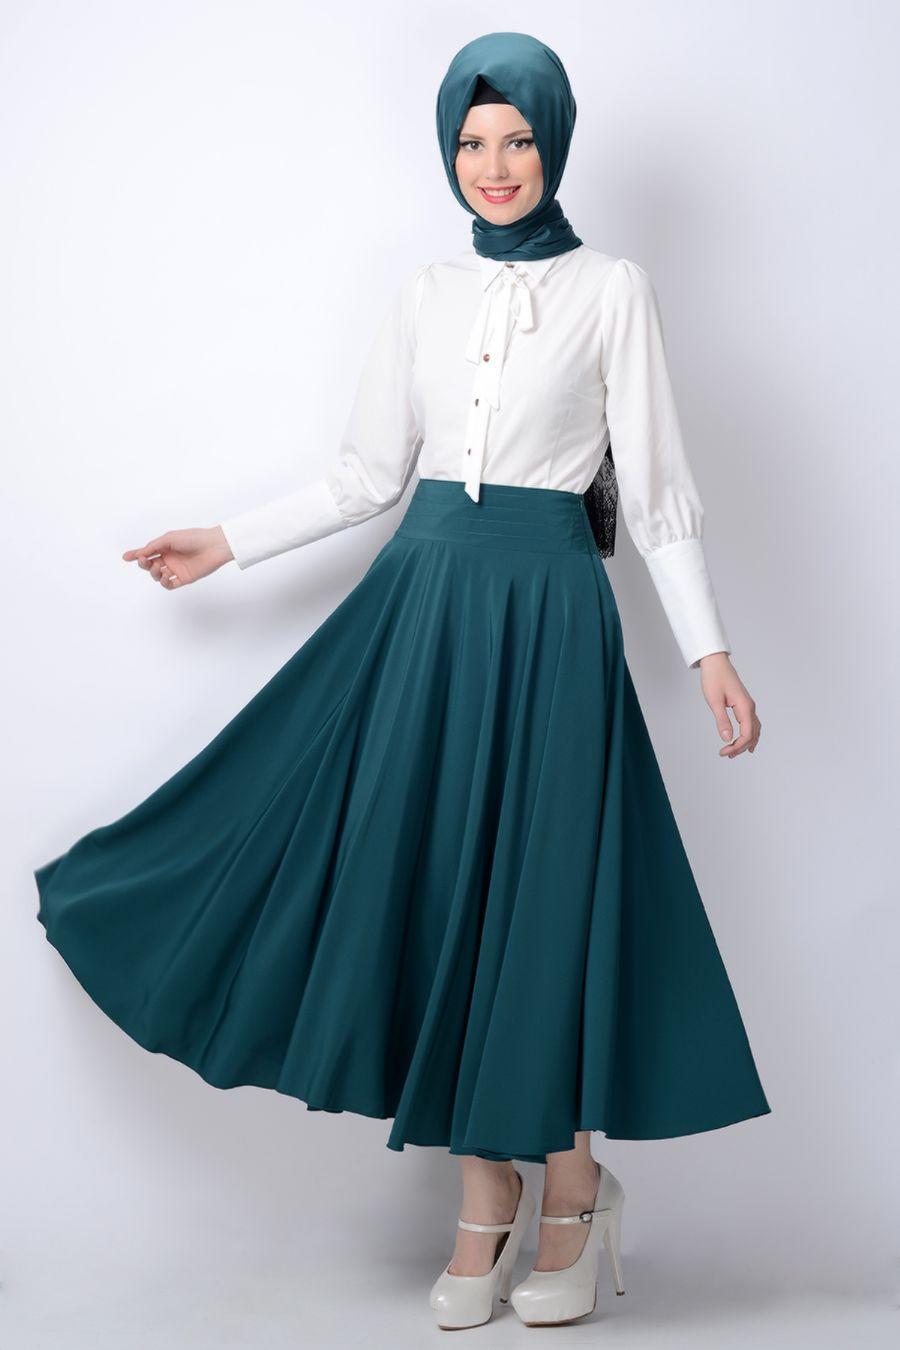 Ucuz Kıyafetleri Pahalı Göstermenin Püf Noktaları